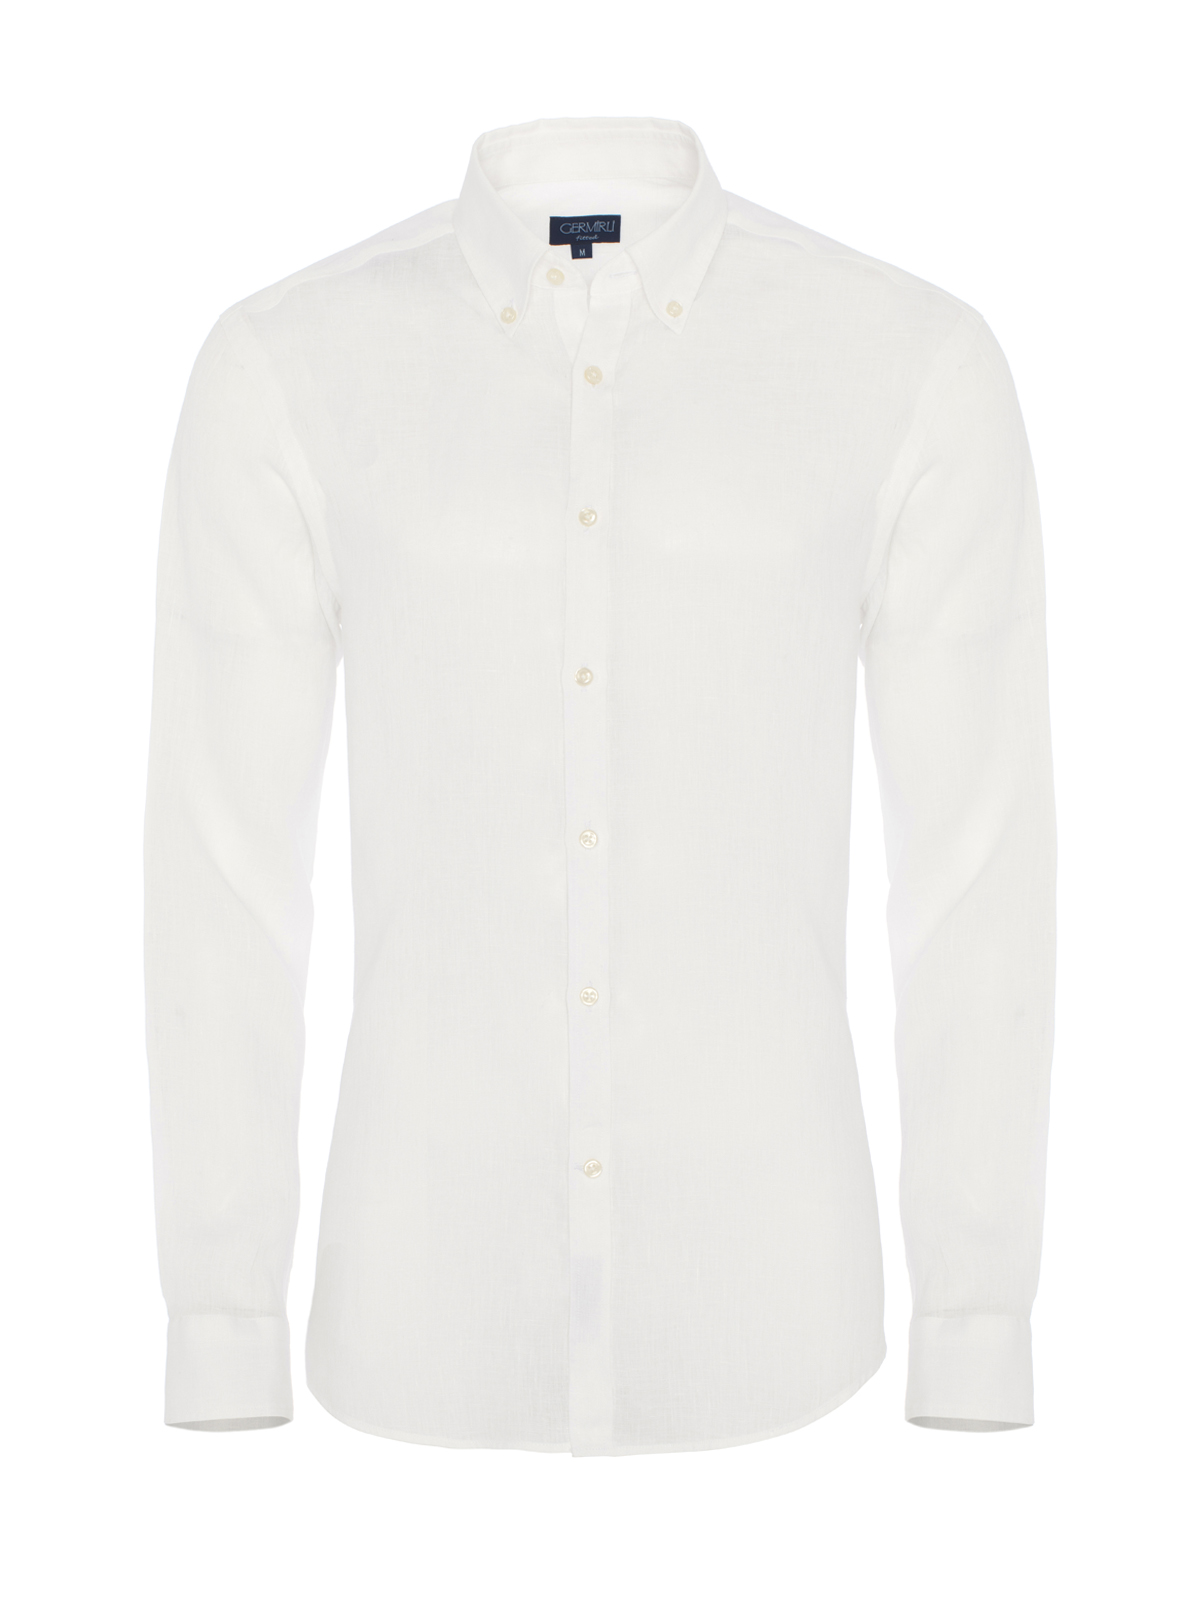 Germirli - Germirli Beyaz Keten Düğmeli Yaka Tailor Fit Gömlek